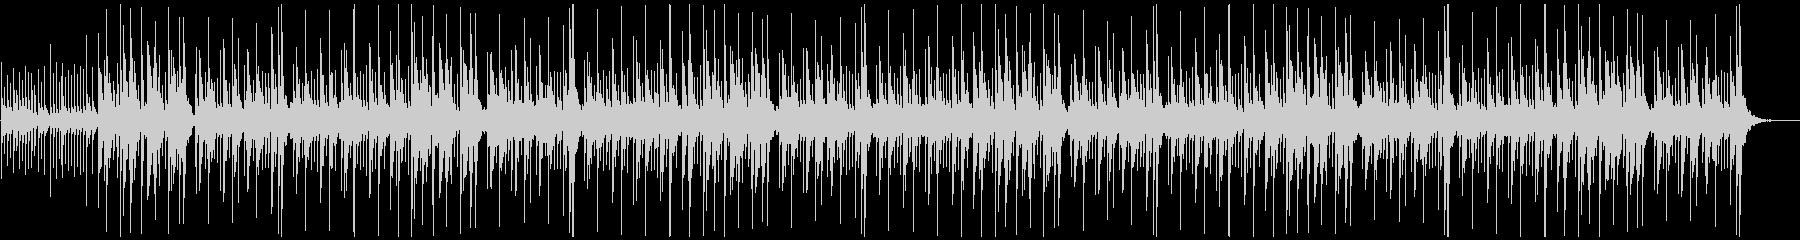 弾ける音の連鎖の未再生の波形